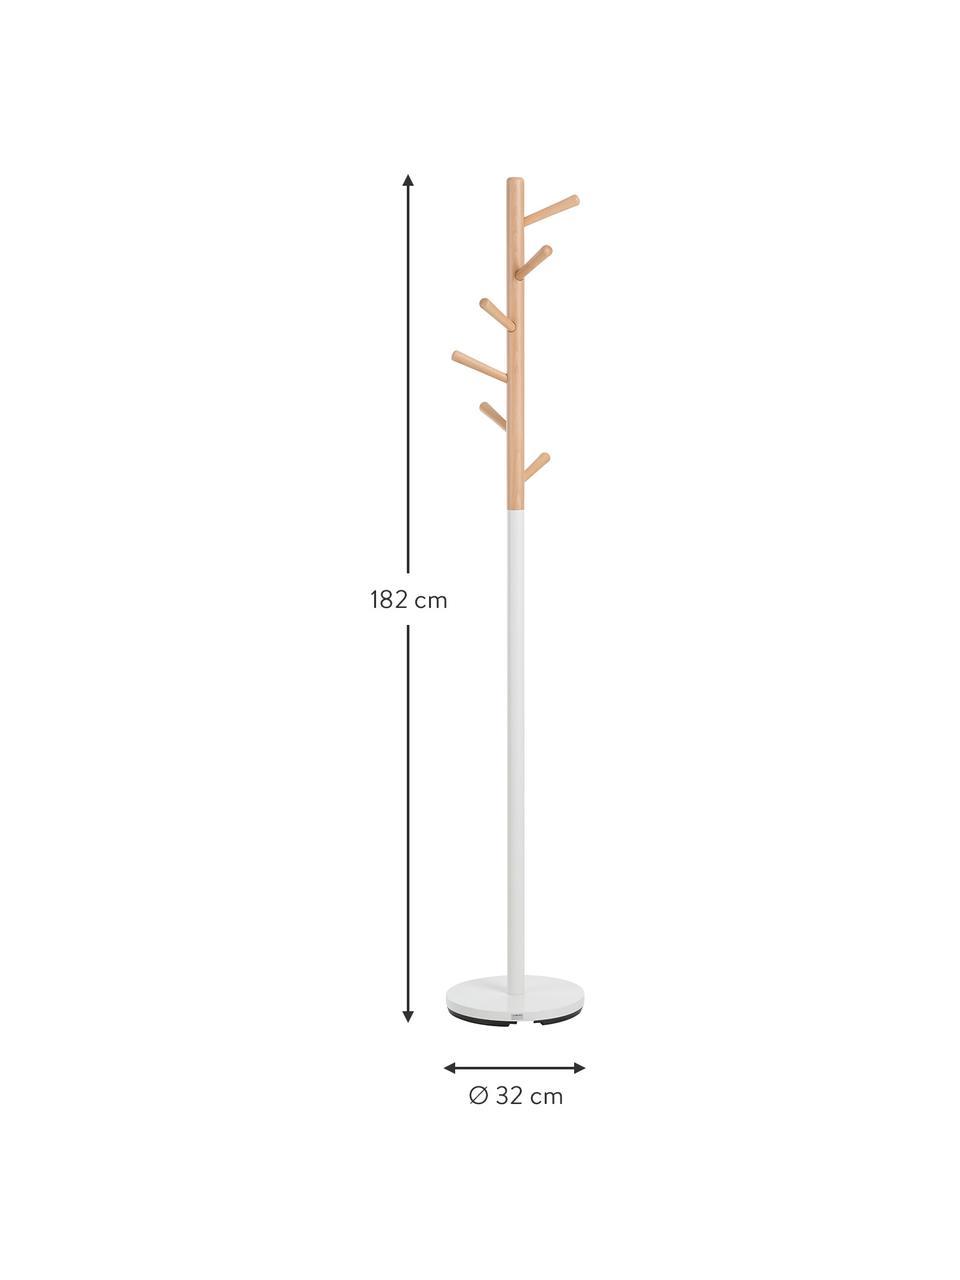 Kleiderständer Kent mit 6 Haken, Fuß: Stahl, pulverbeschichtet, Weiß, Buche, Ø 32 x H 182 cm